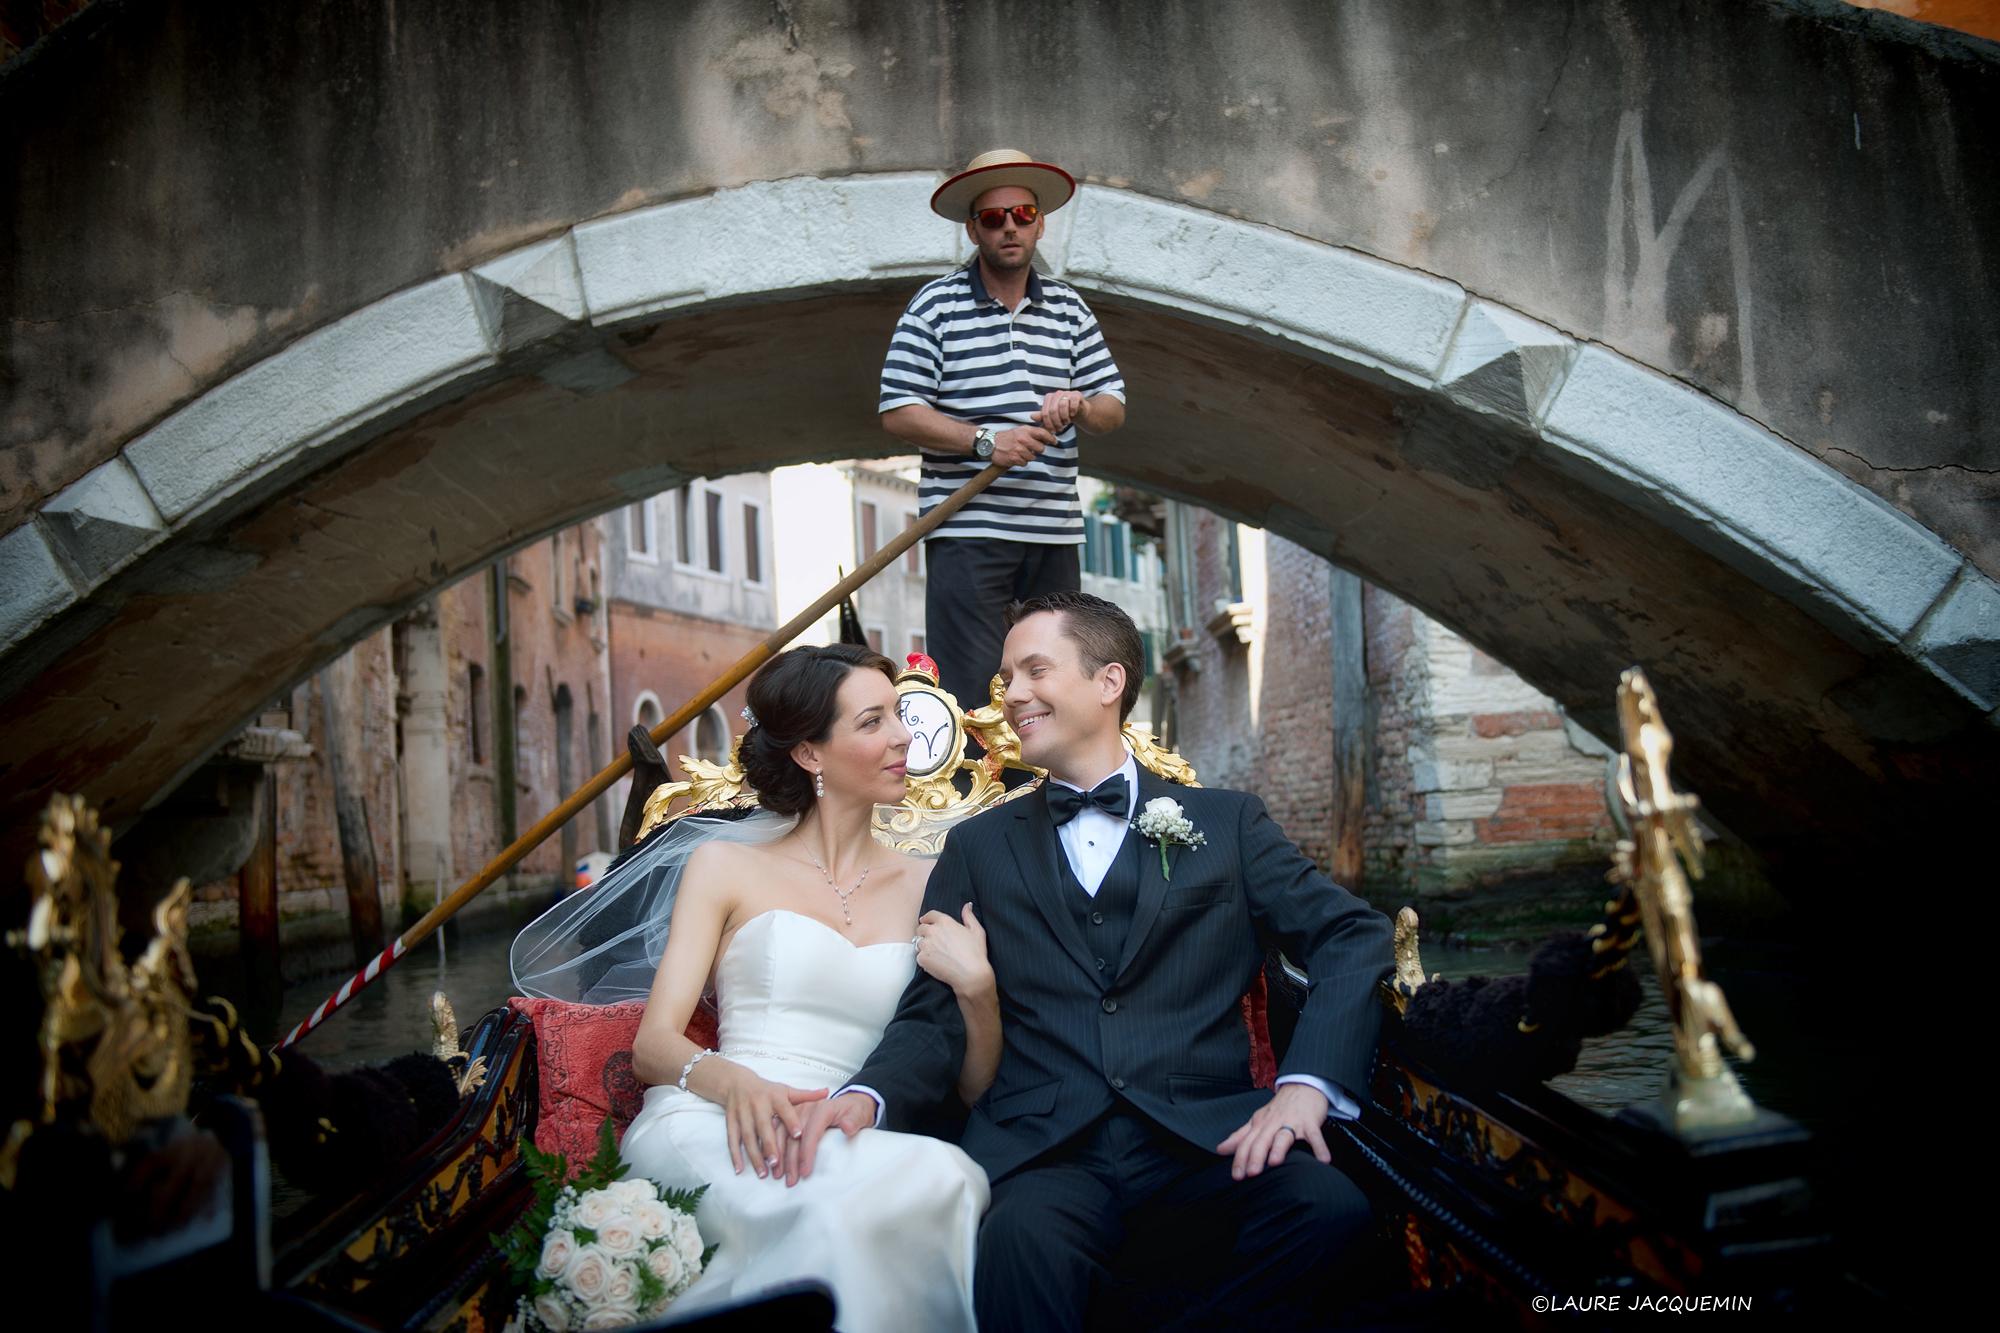 venise mariage photographe laure Jacquemin simbolique jardin venitien gondole (124)